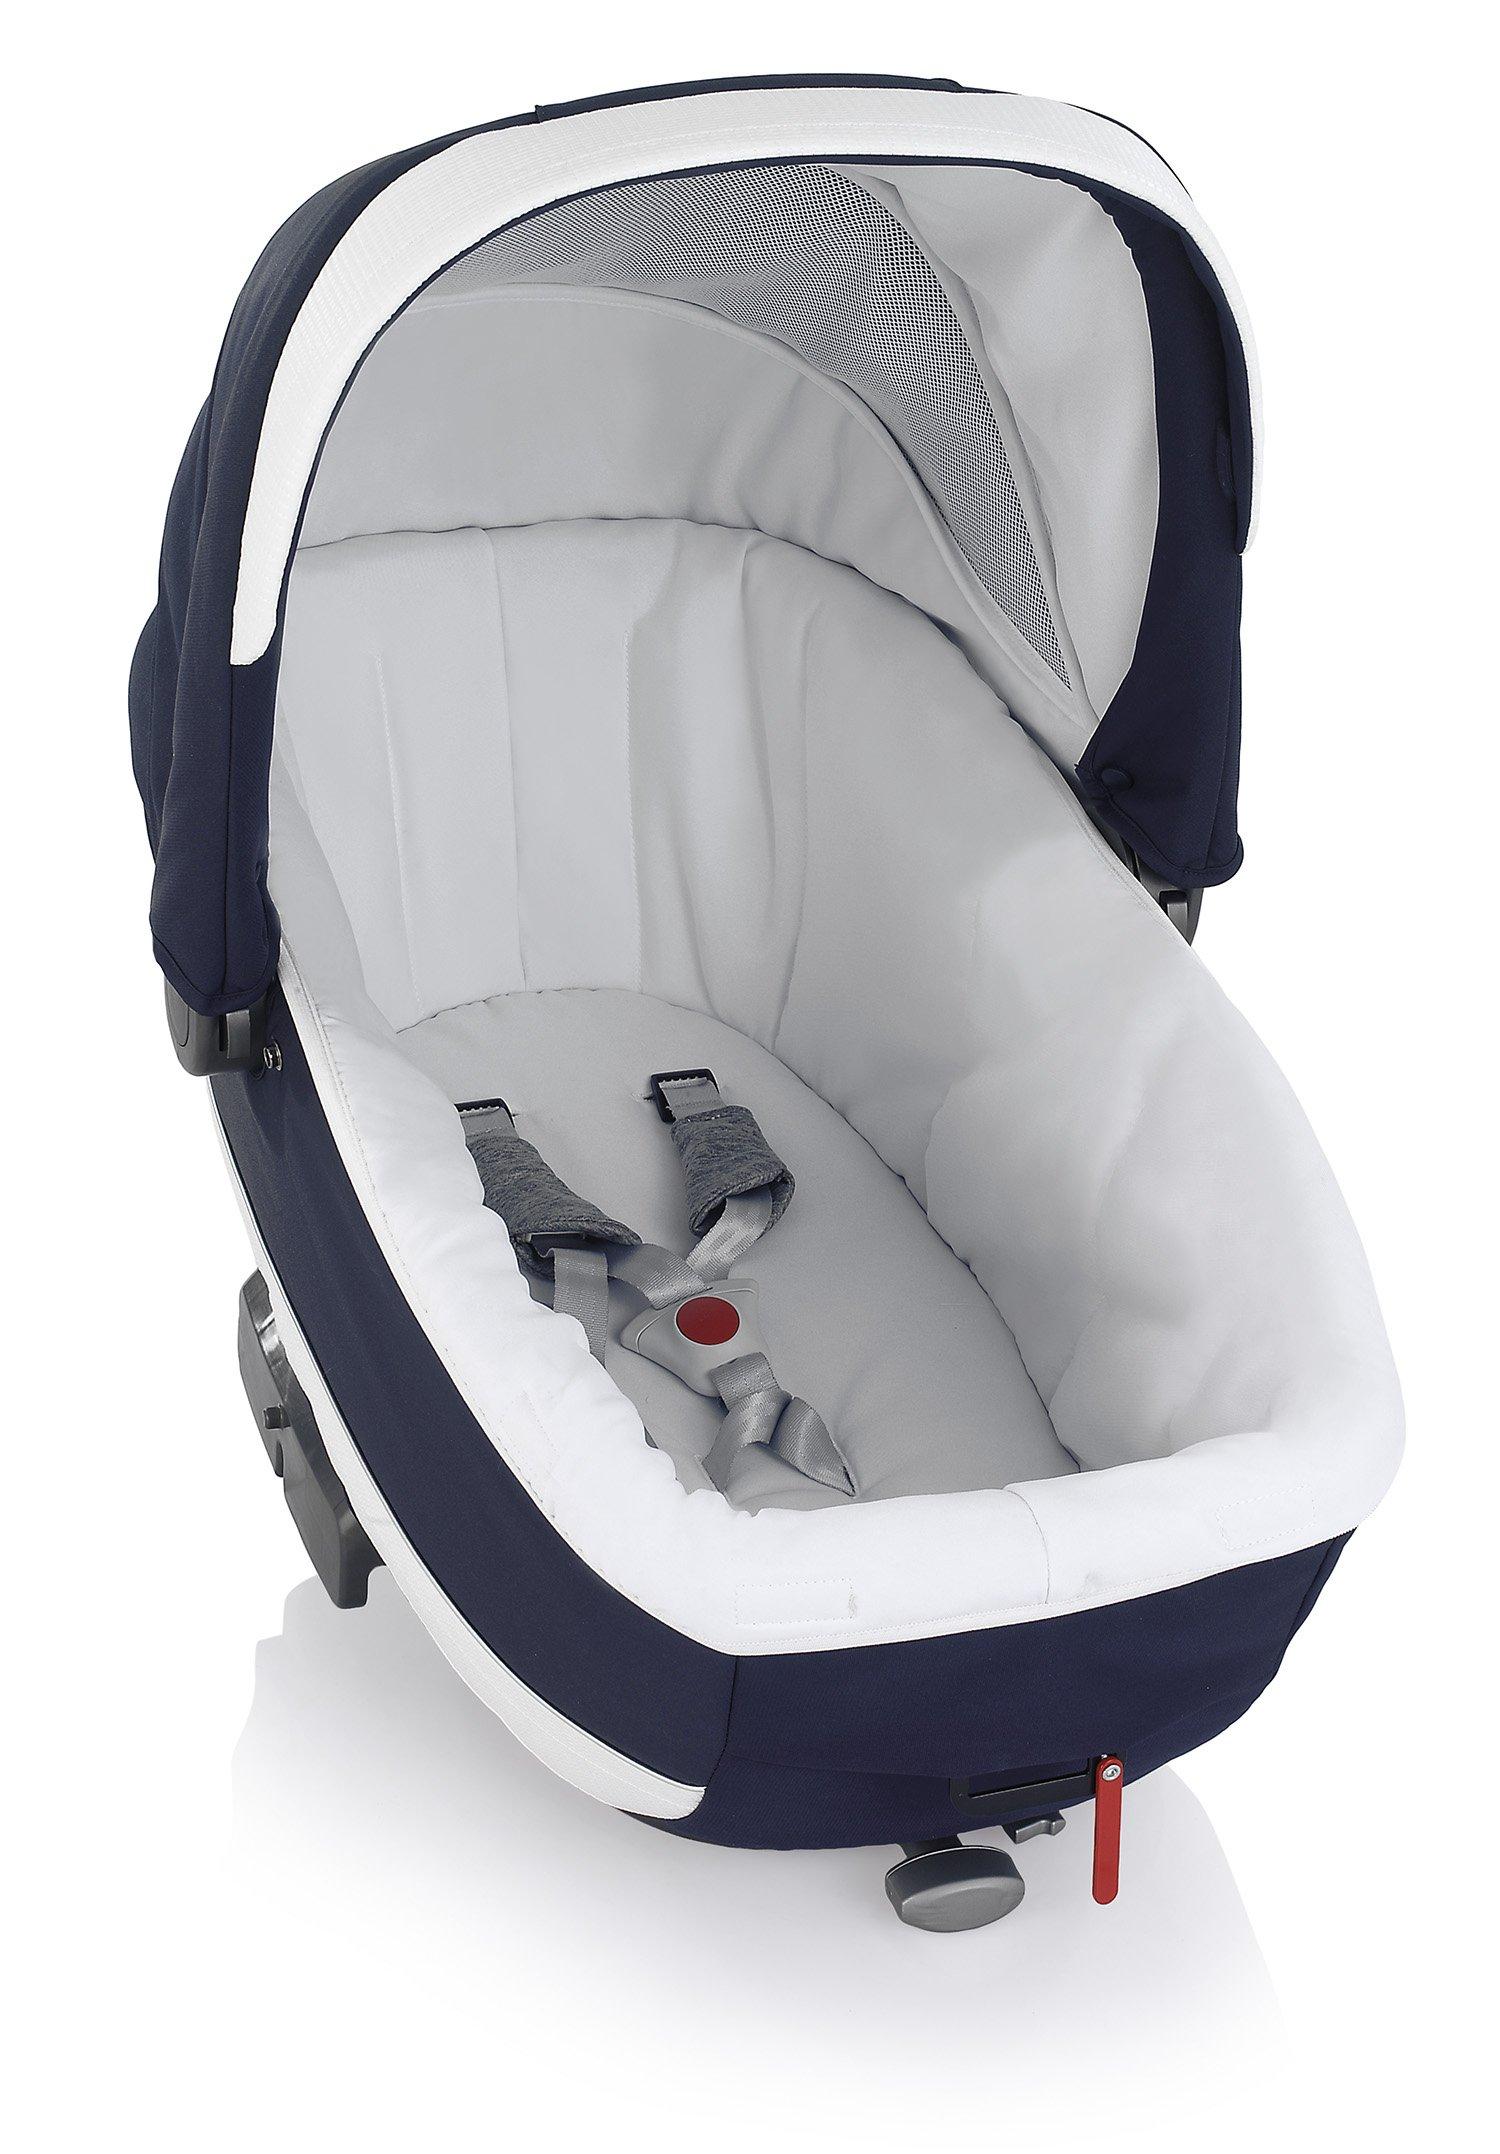 Inglesina A090FB600 Kit Auto 3P per Culla, Compatibile con Quad Collezione 2014 e 201 e Otutto Delu